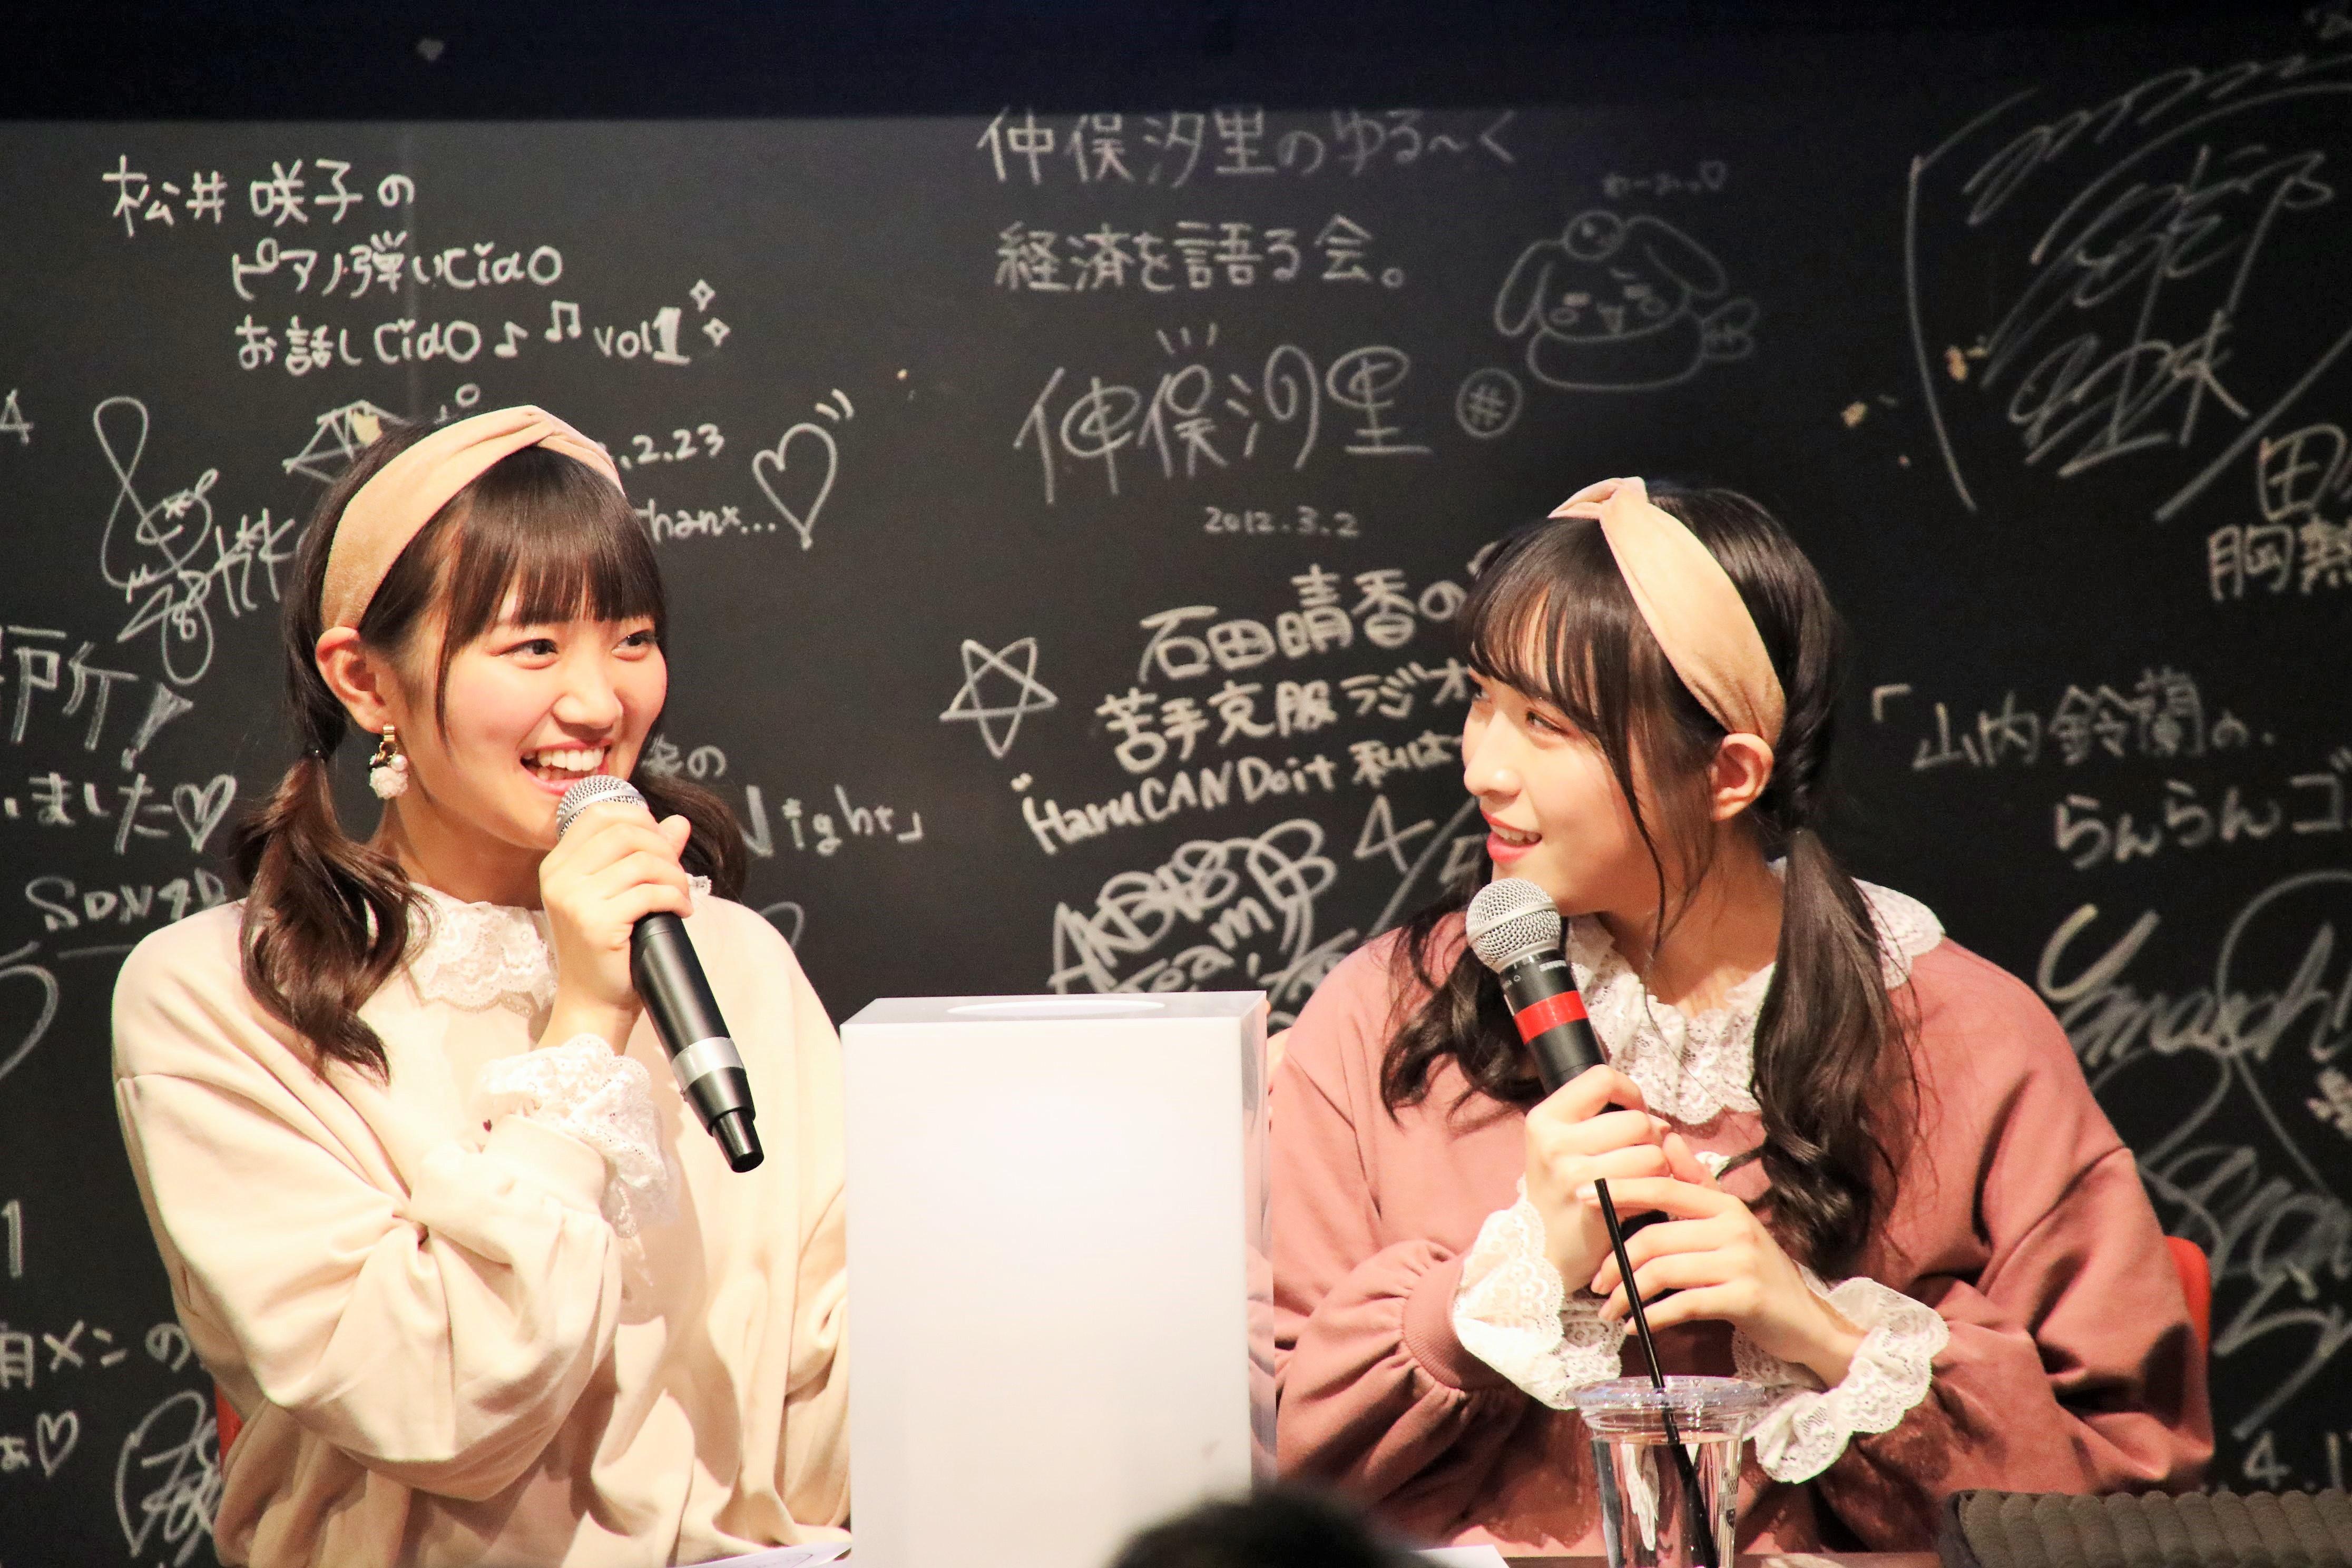 ファンからの質問に回答する稲垣と川本